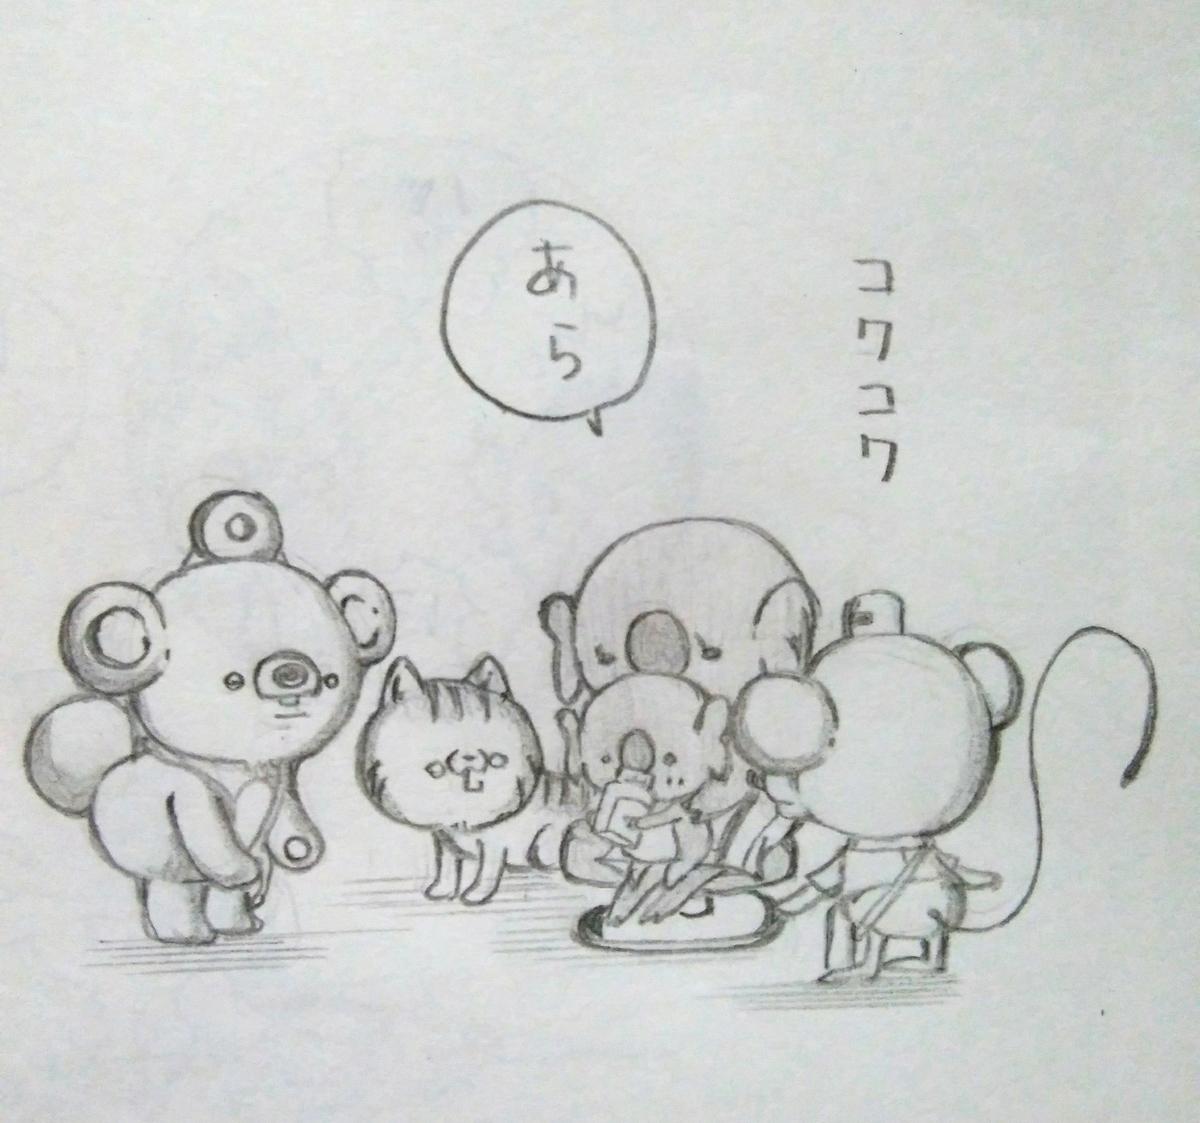 f:id:maricats:20201011175618j:plain